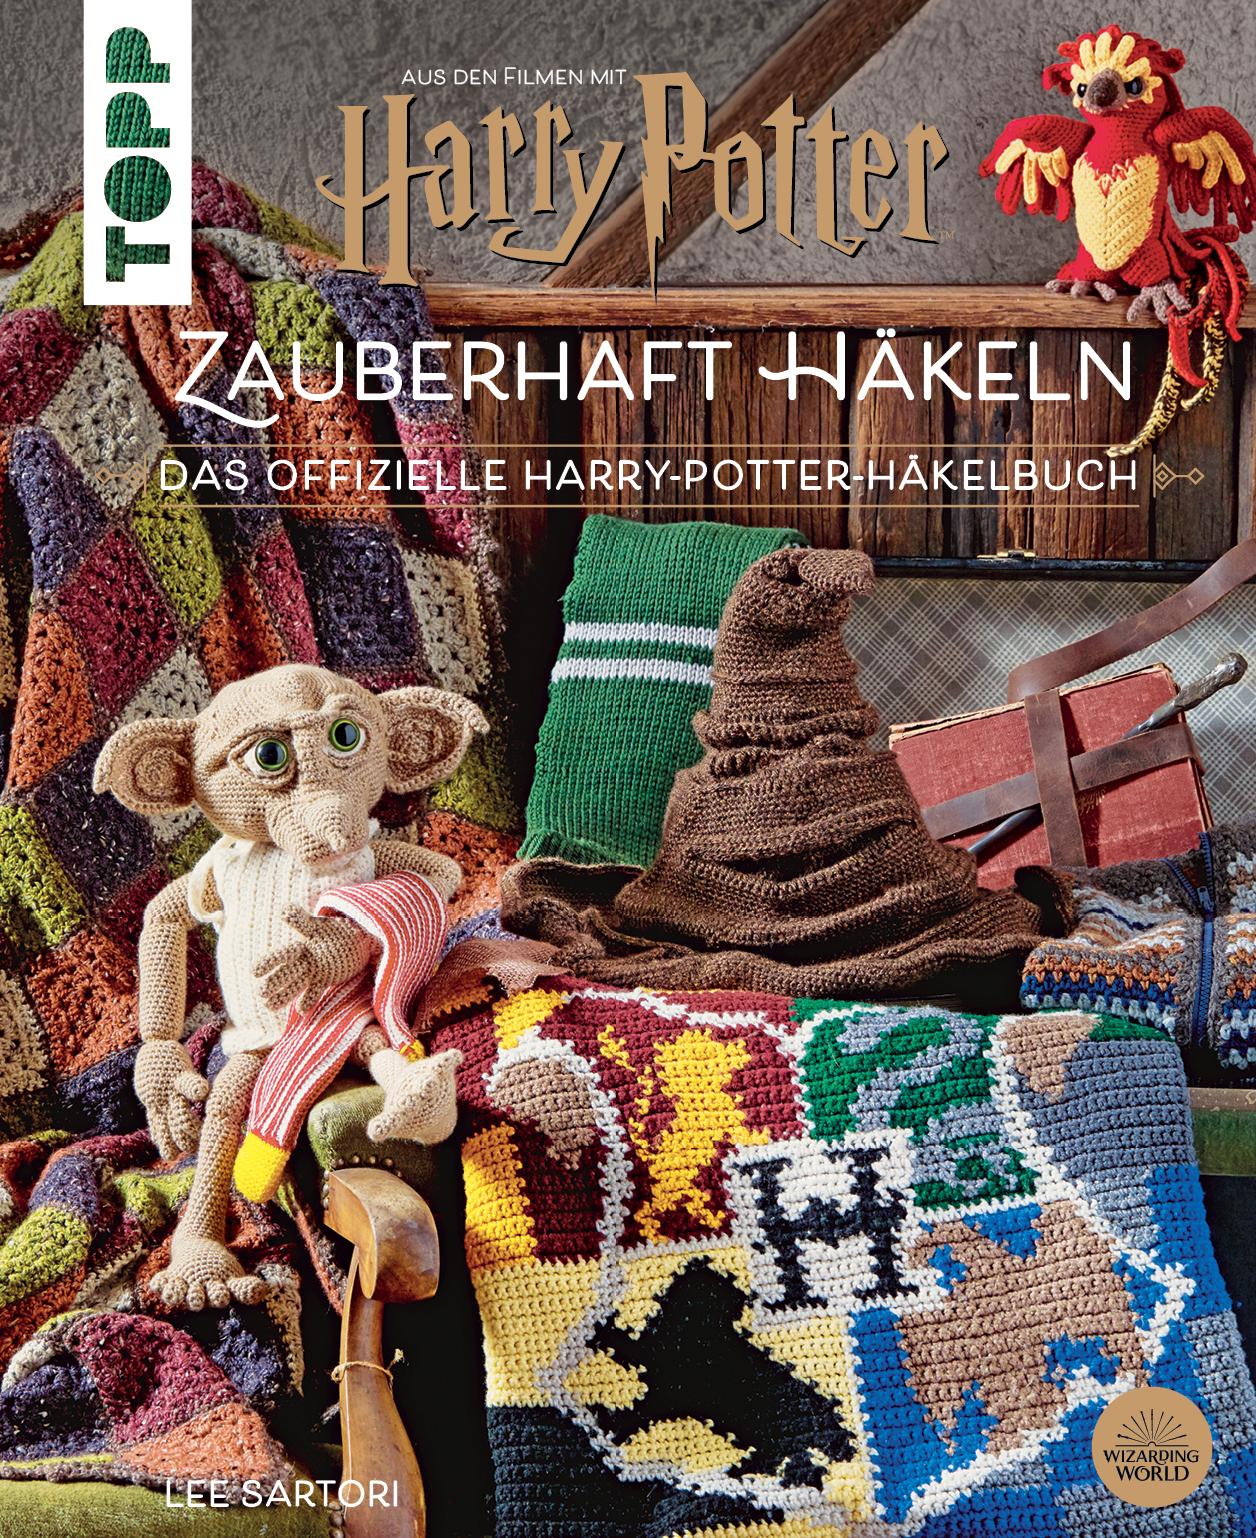 Harry Potter: Zauberhaft häkeln (Lee Sartori)